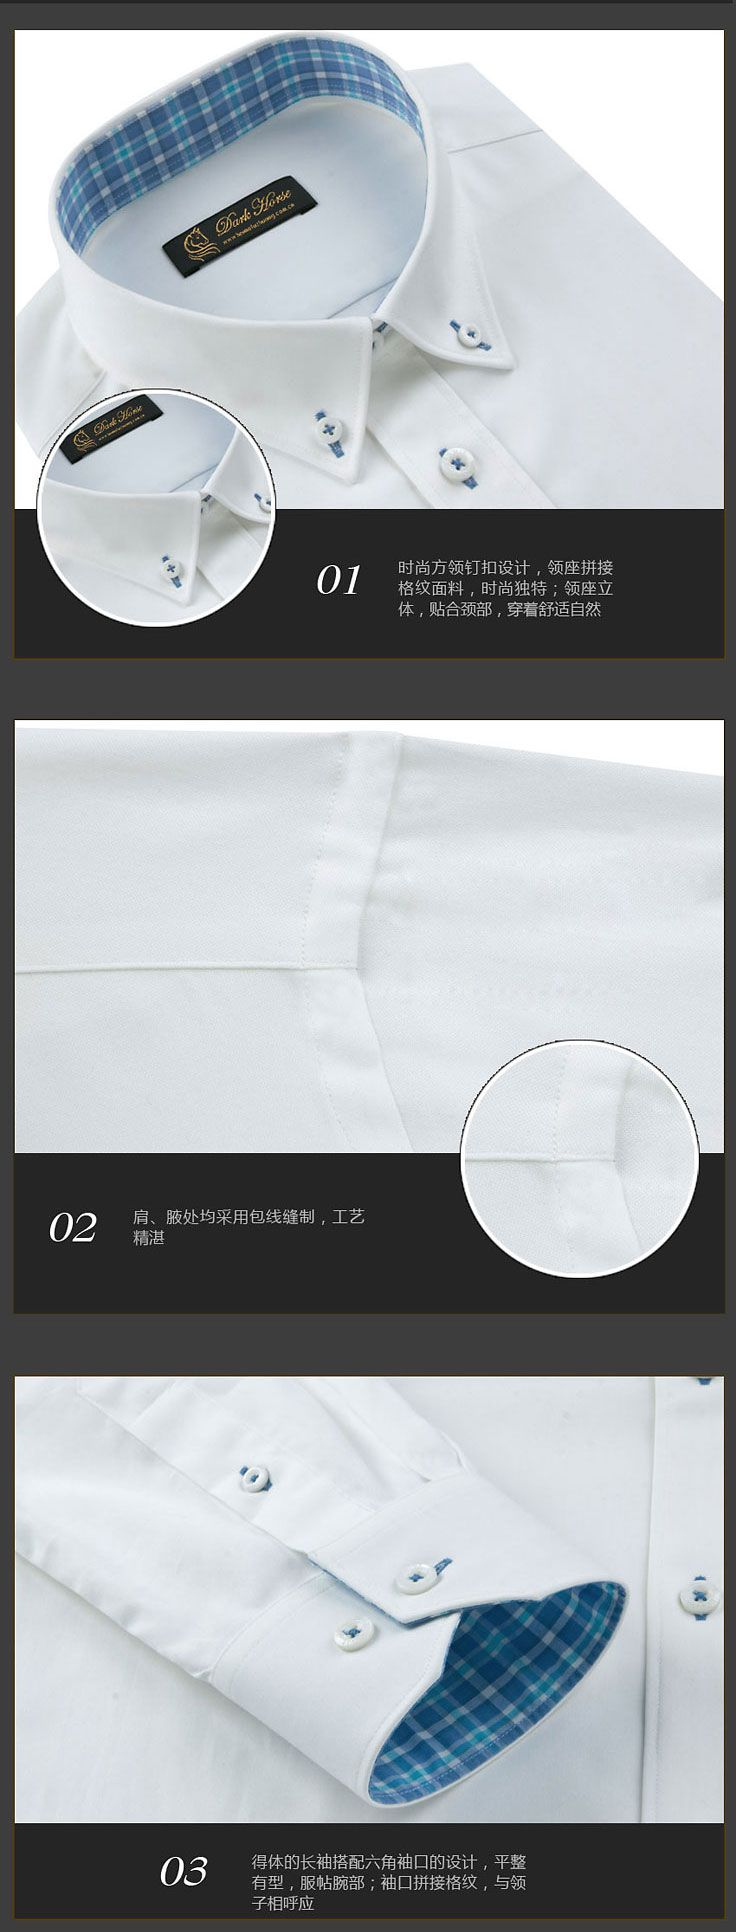 衬衫A-02细节描述01